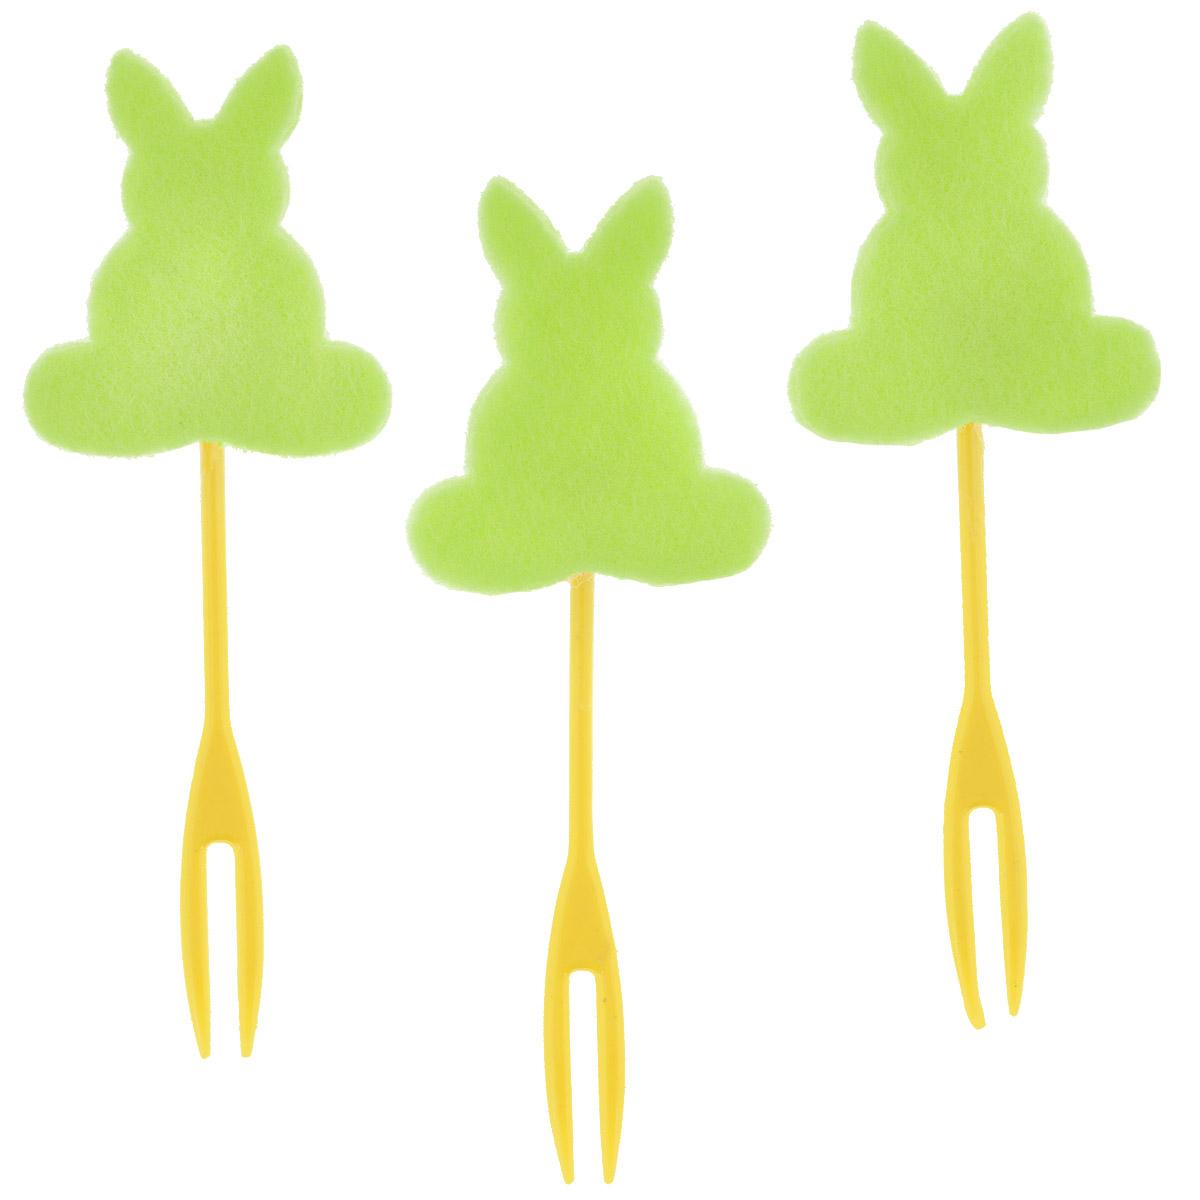 Набор декоративных вилочек Home Queen Кролик для украшения кулича, цвет в ассортименте, длина 10 см, 3 шт набор декоративных вилочек home queen курочка для украшения кулича цвет желтый длина 10 см 3 шт